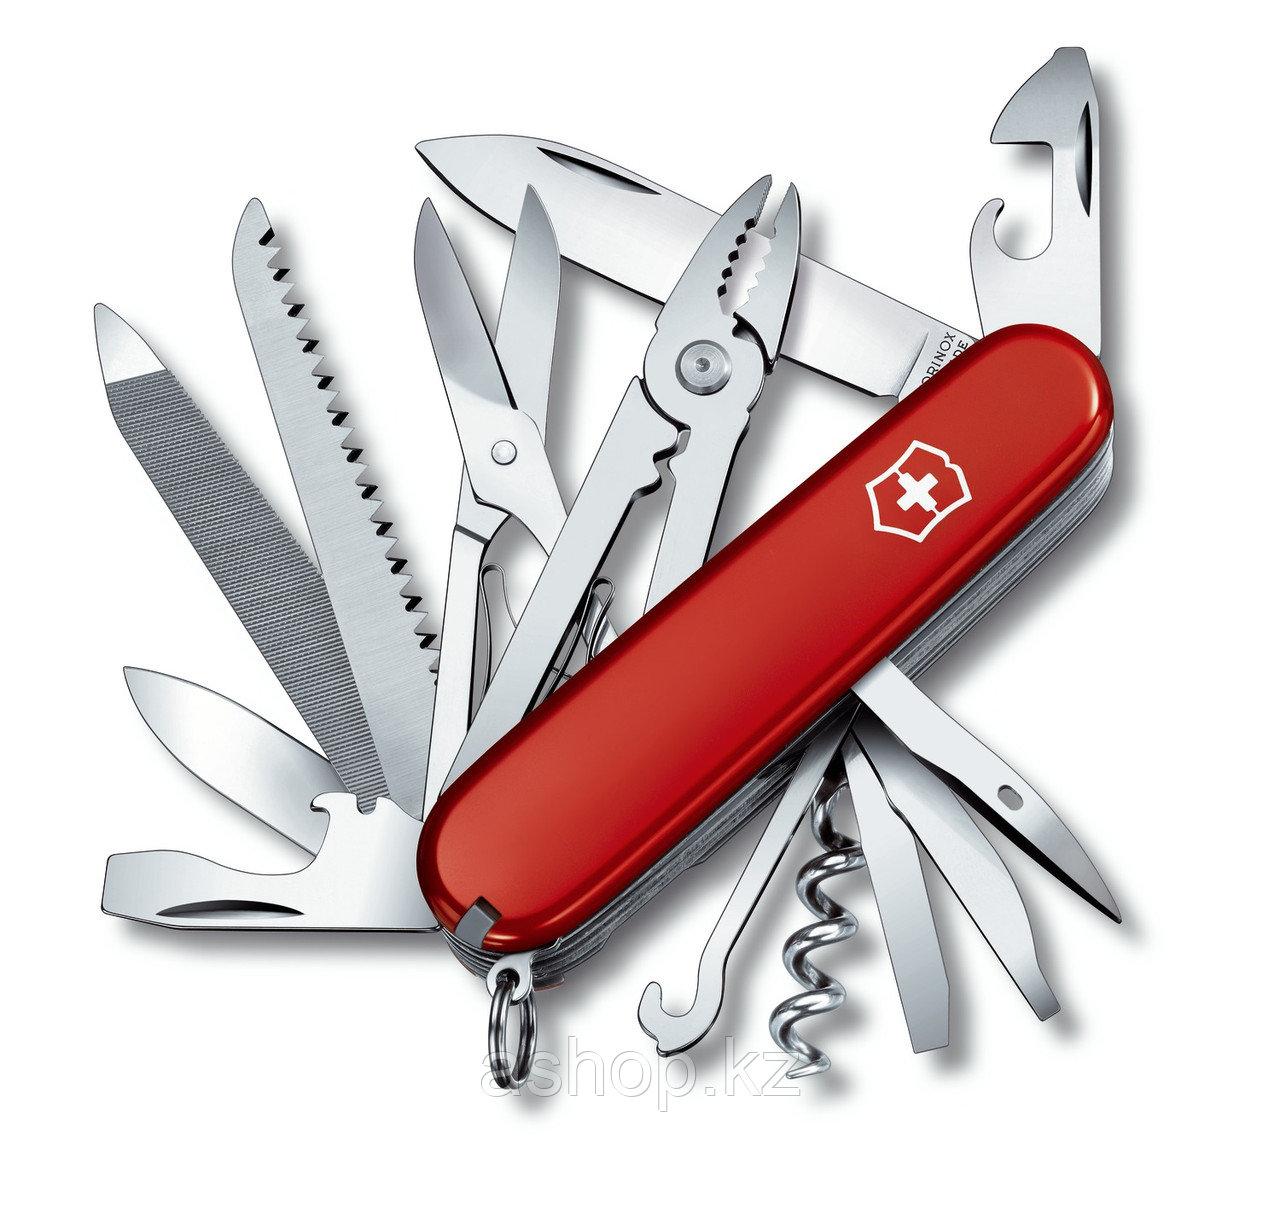 Нож складной офицерский Victorinox Handyman, Функционал: Универсальная, Кол-во функций: 24 в 1, Цвет: Красный,